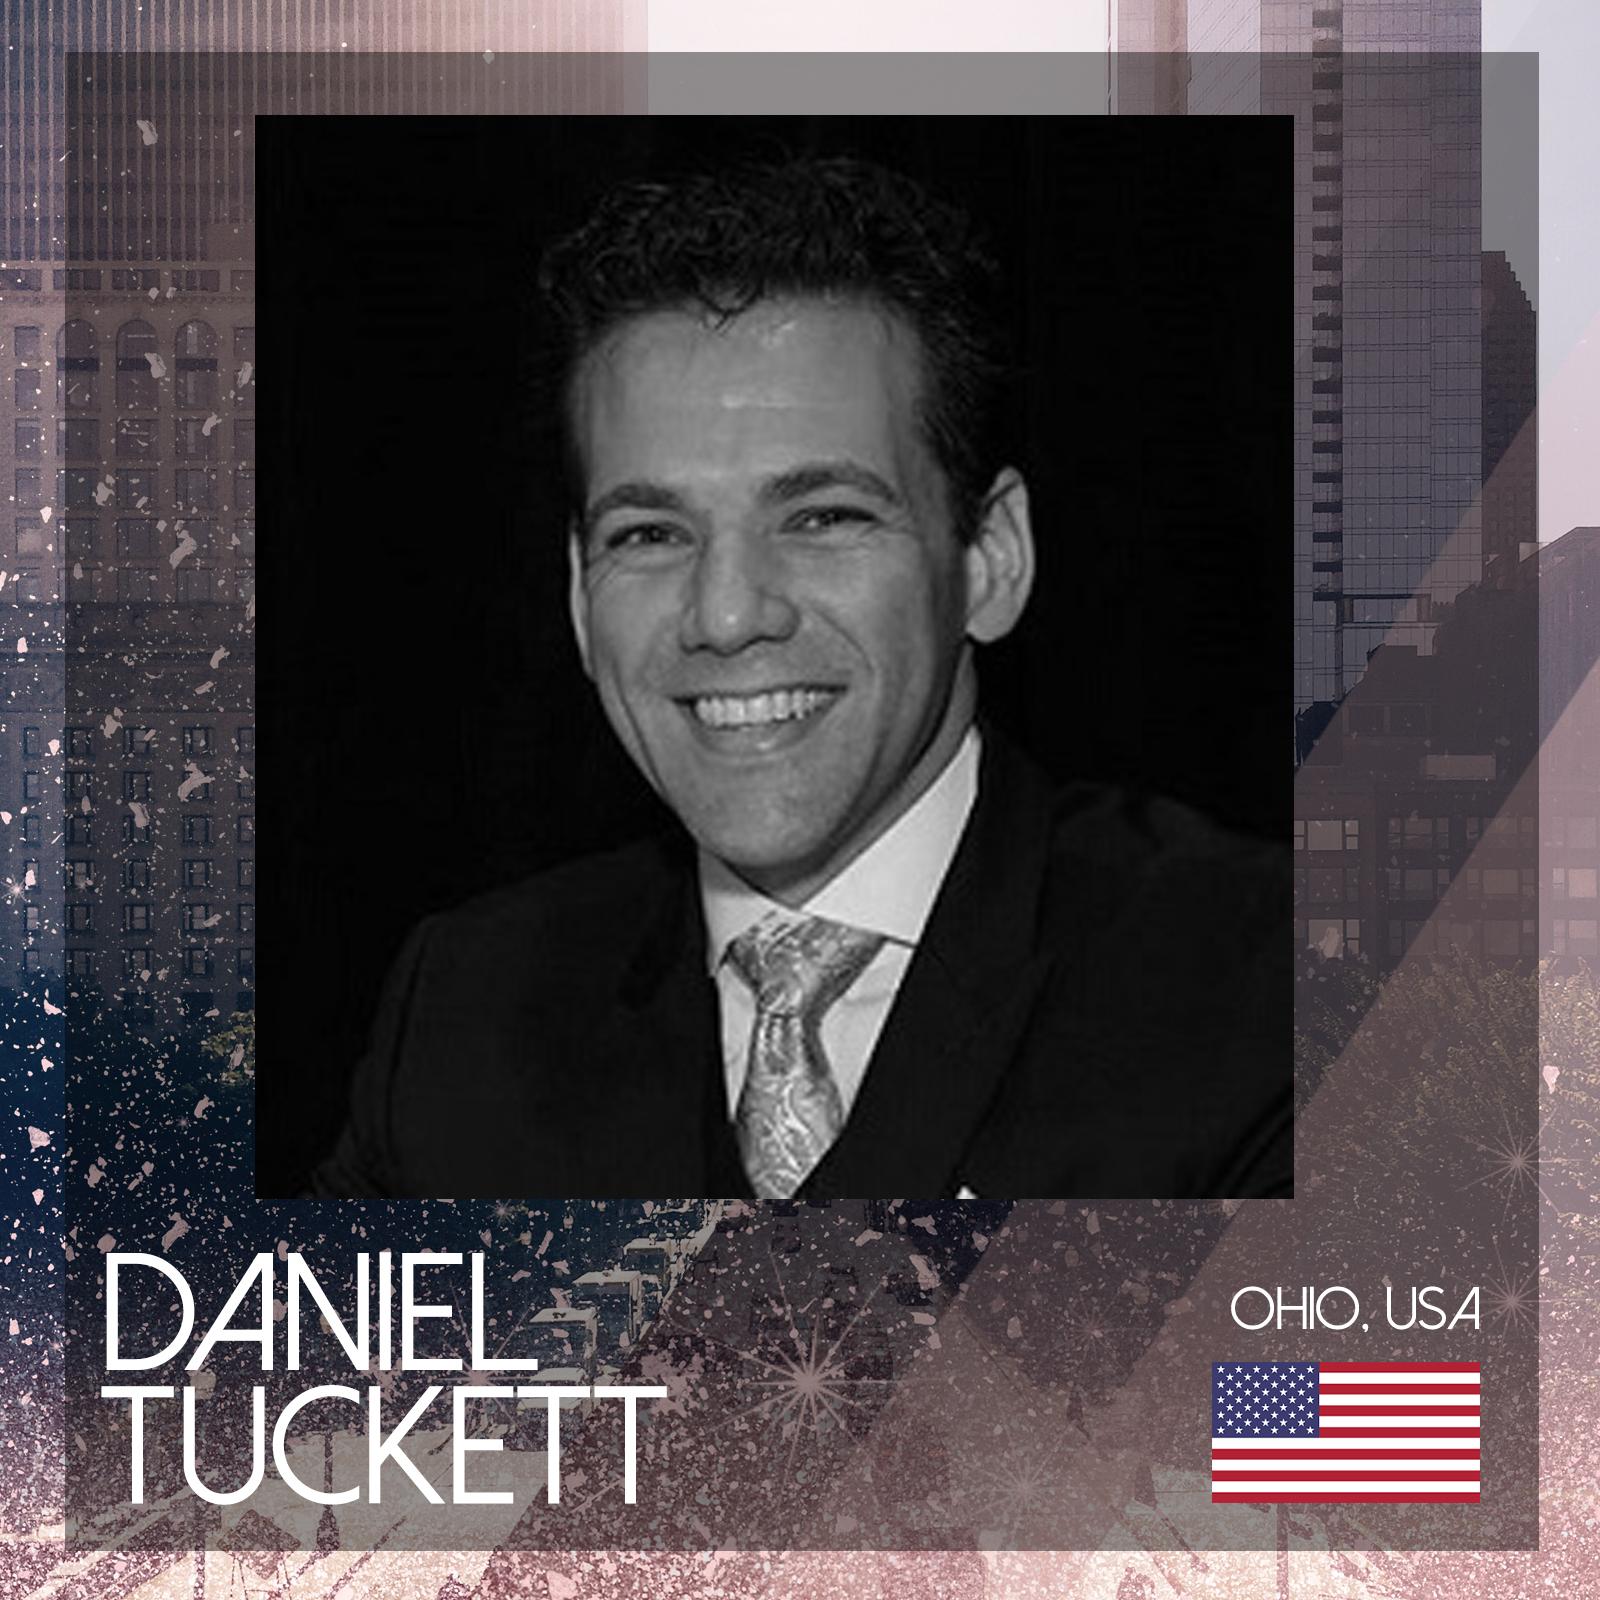 Daniel-Tuckett.jpg